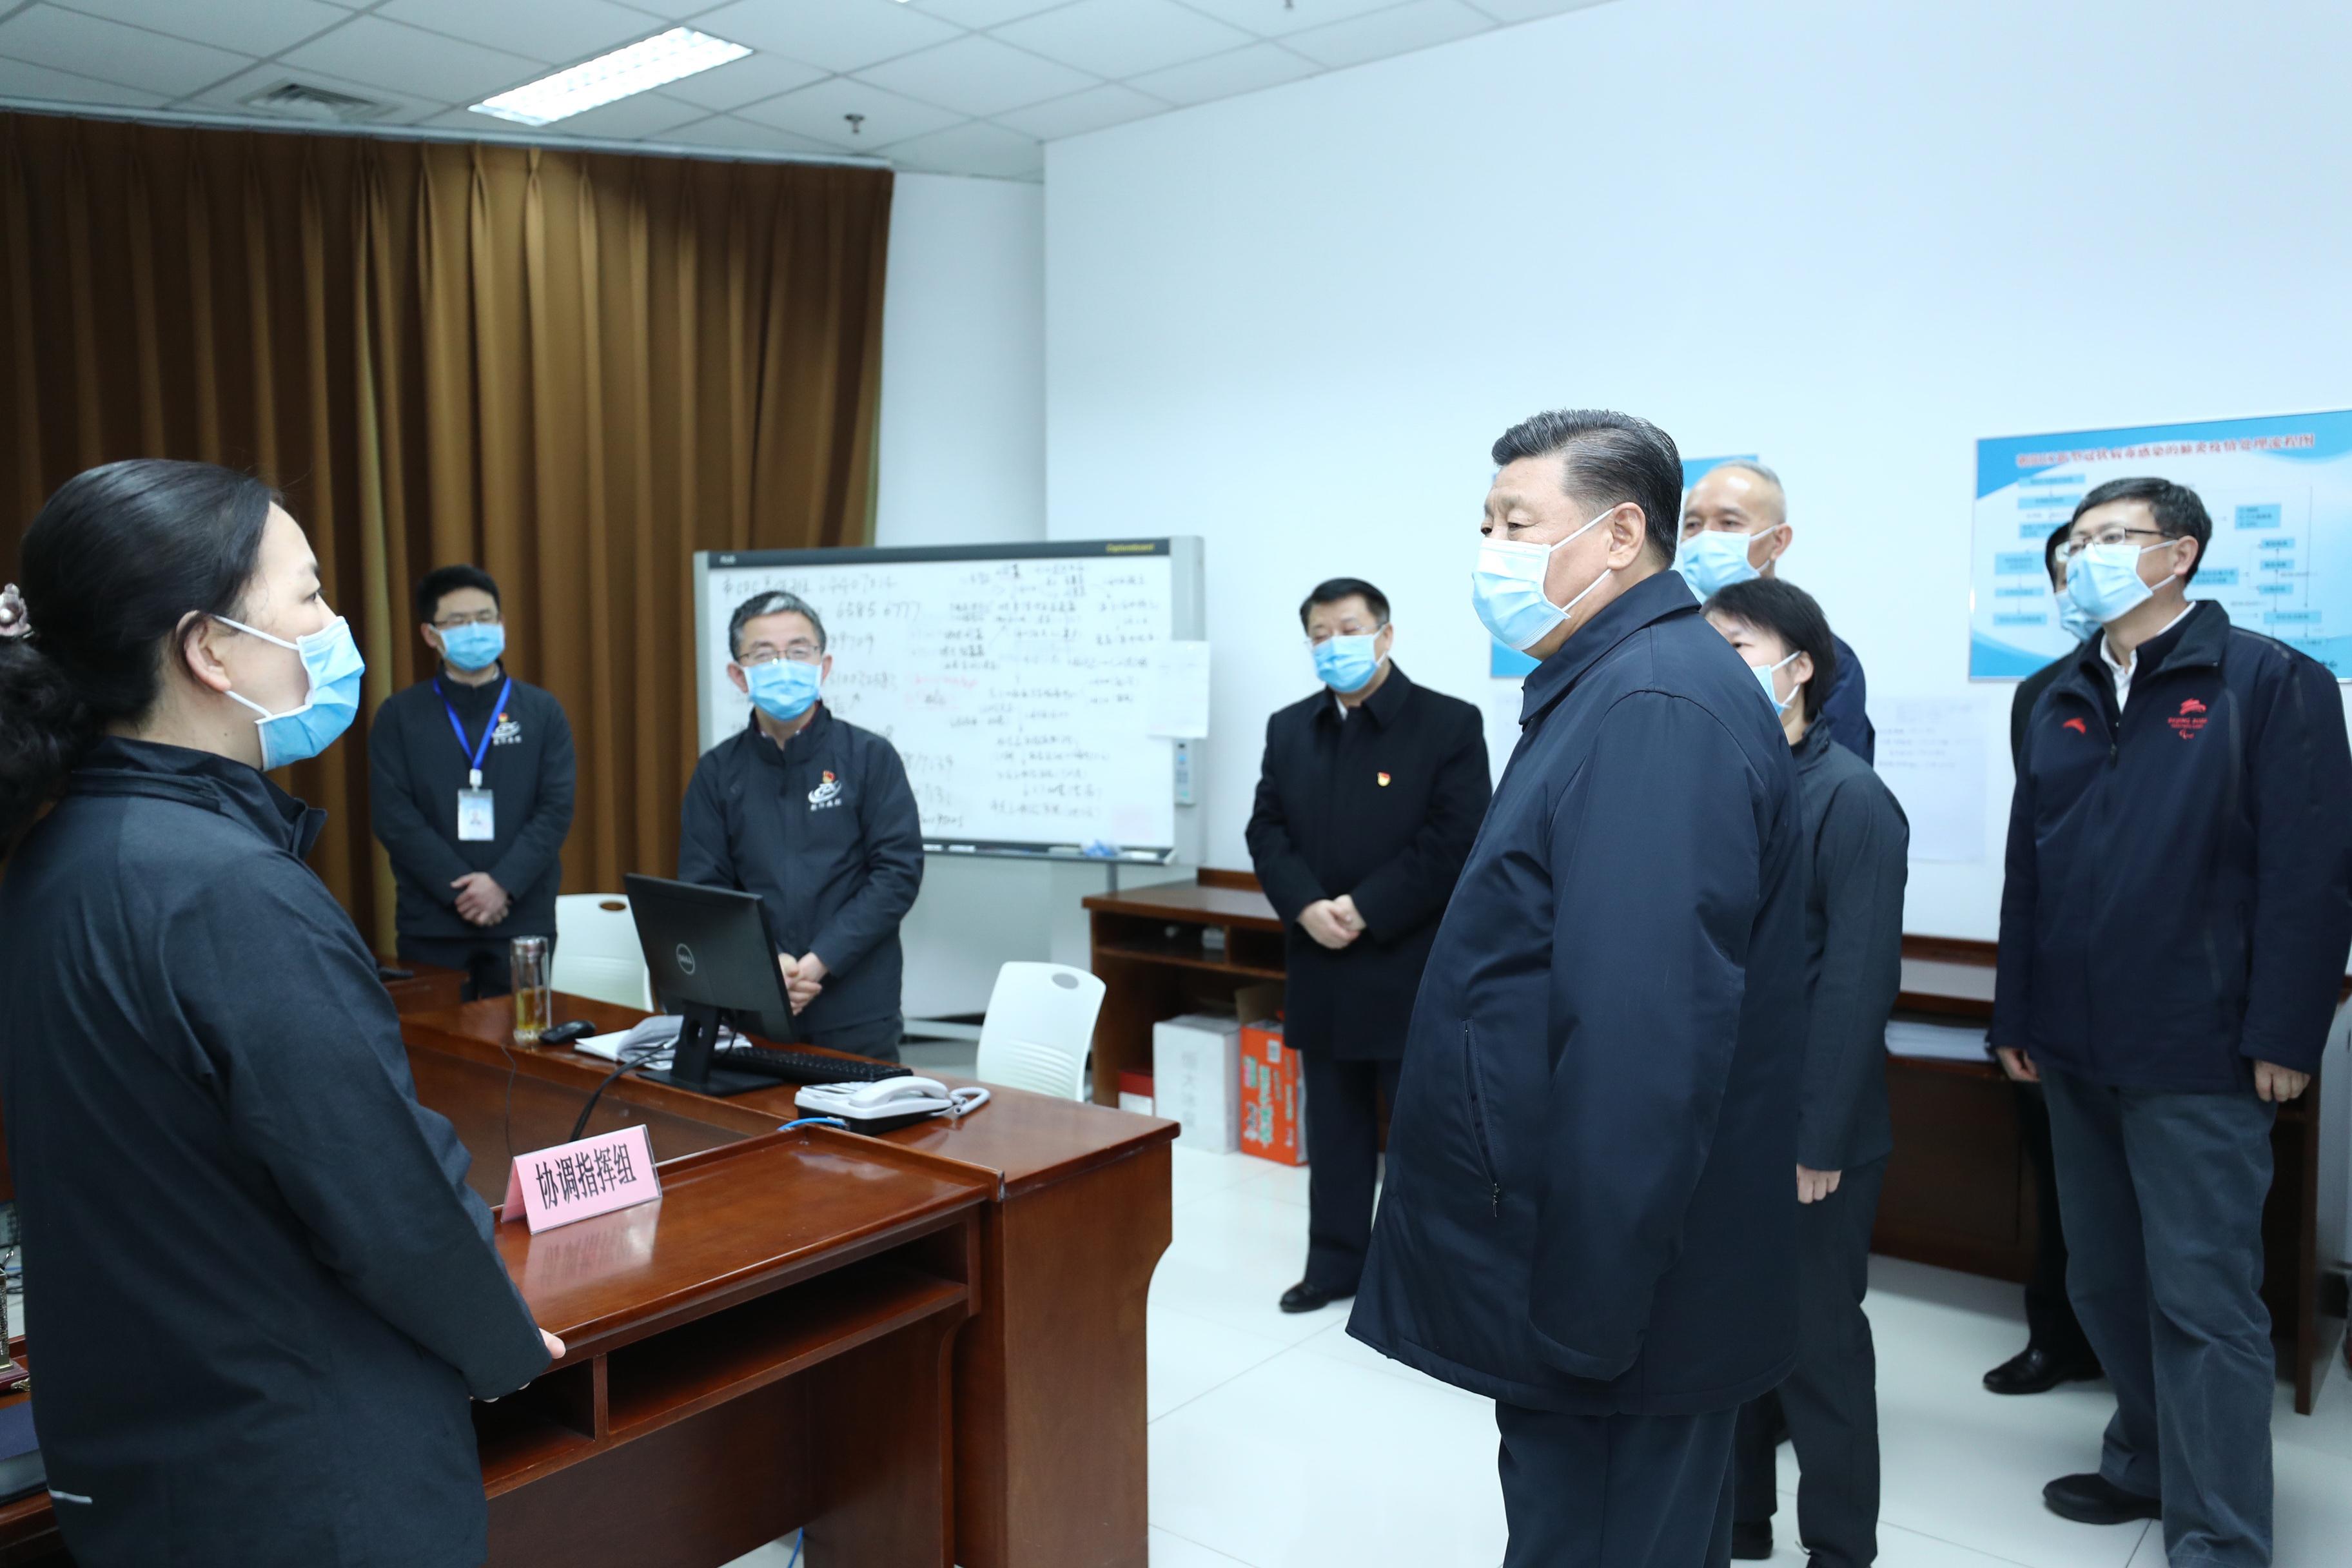 Koronavírus: már több, mint ezer halálos áldozat Kínában